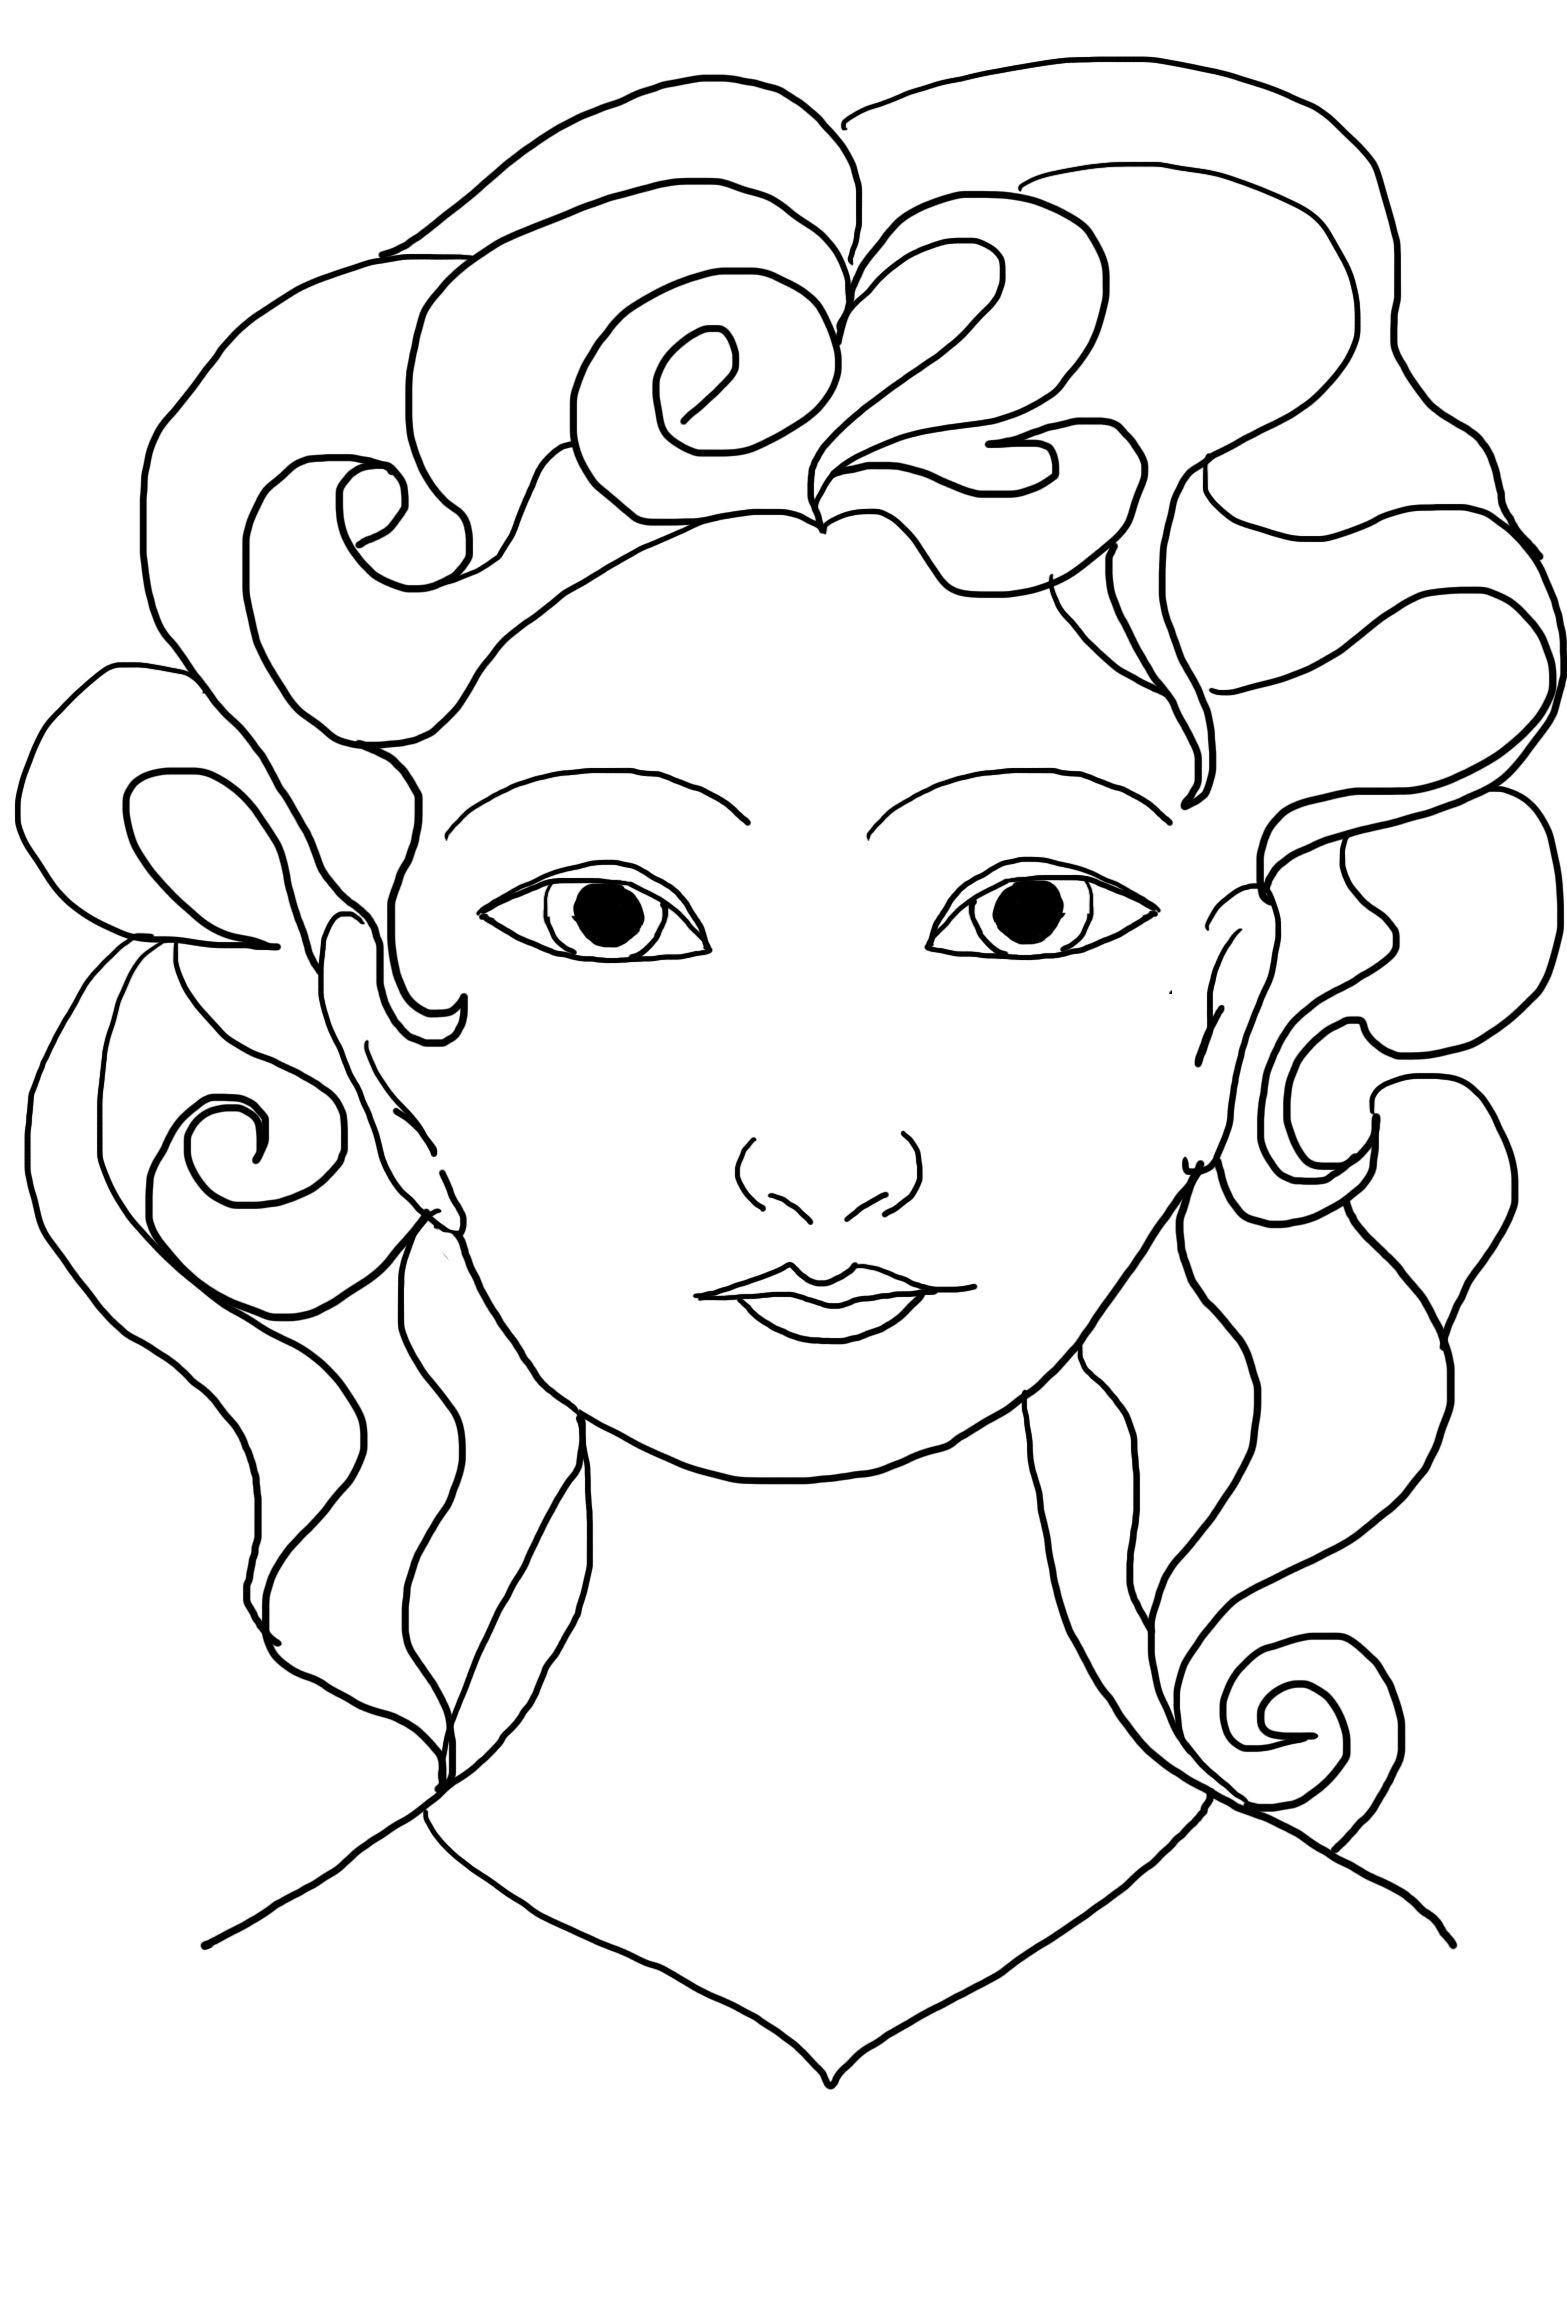 ilustraciones en b/n